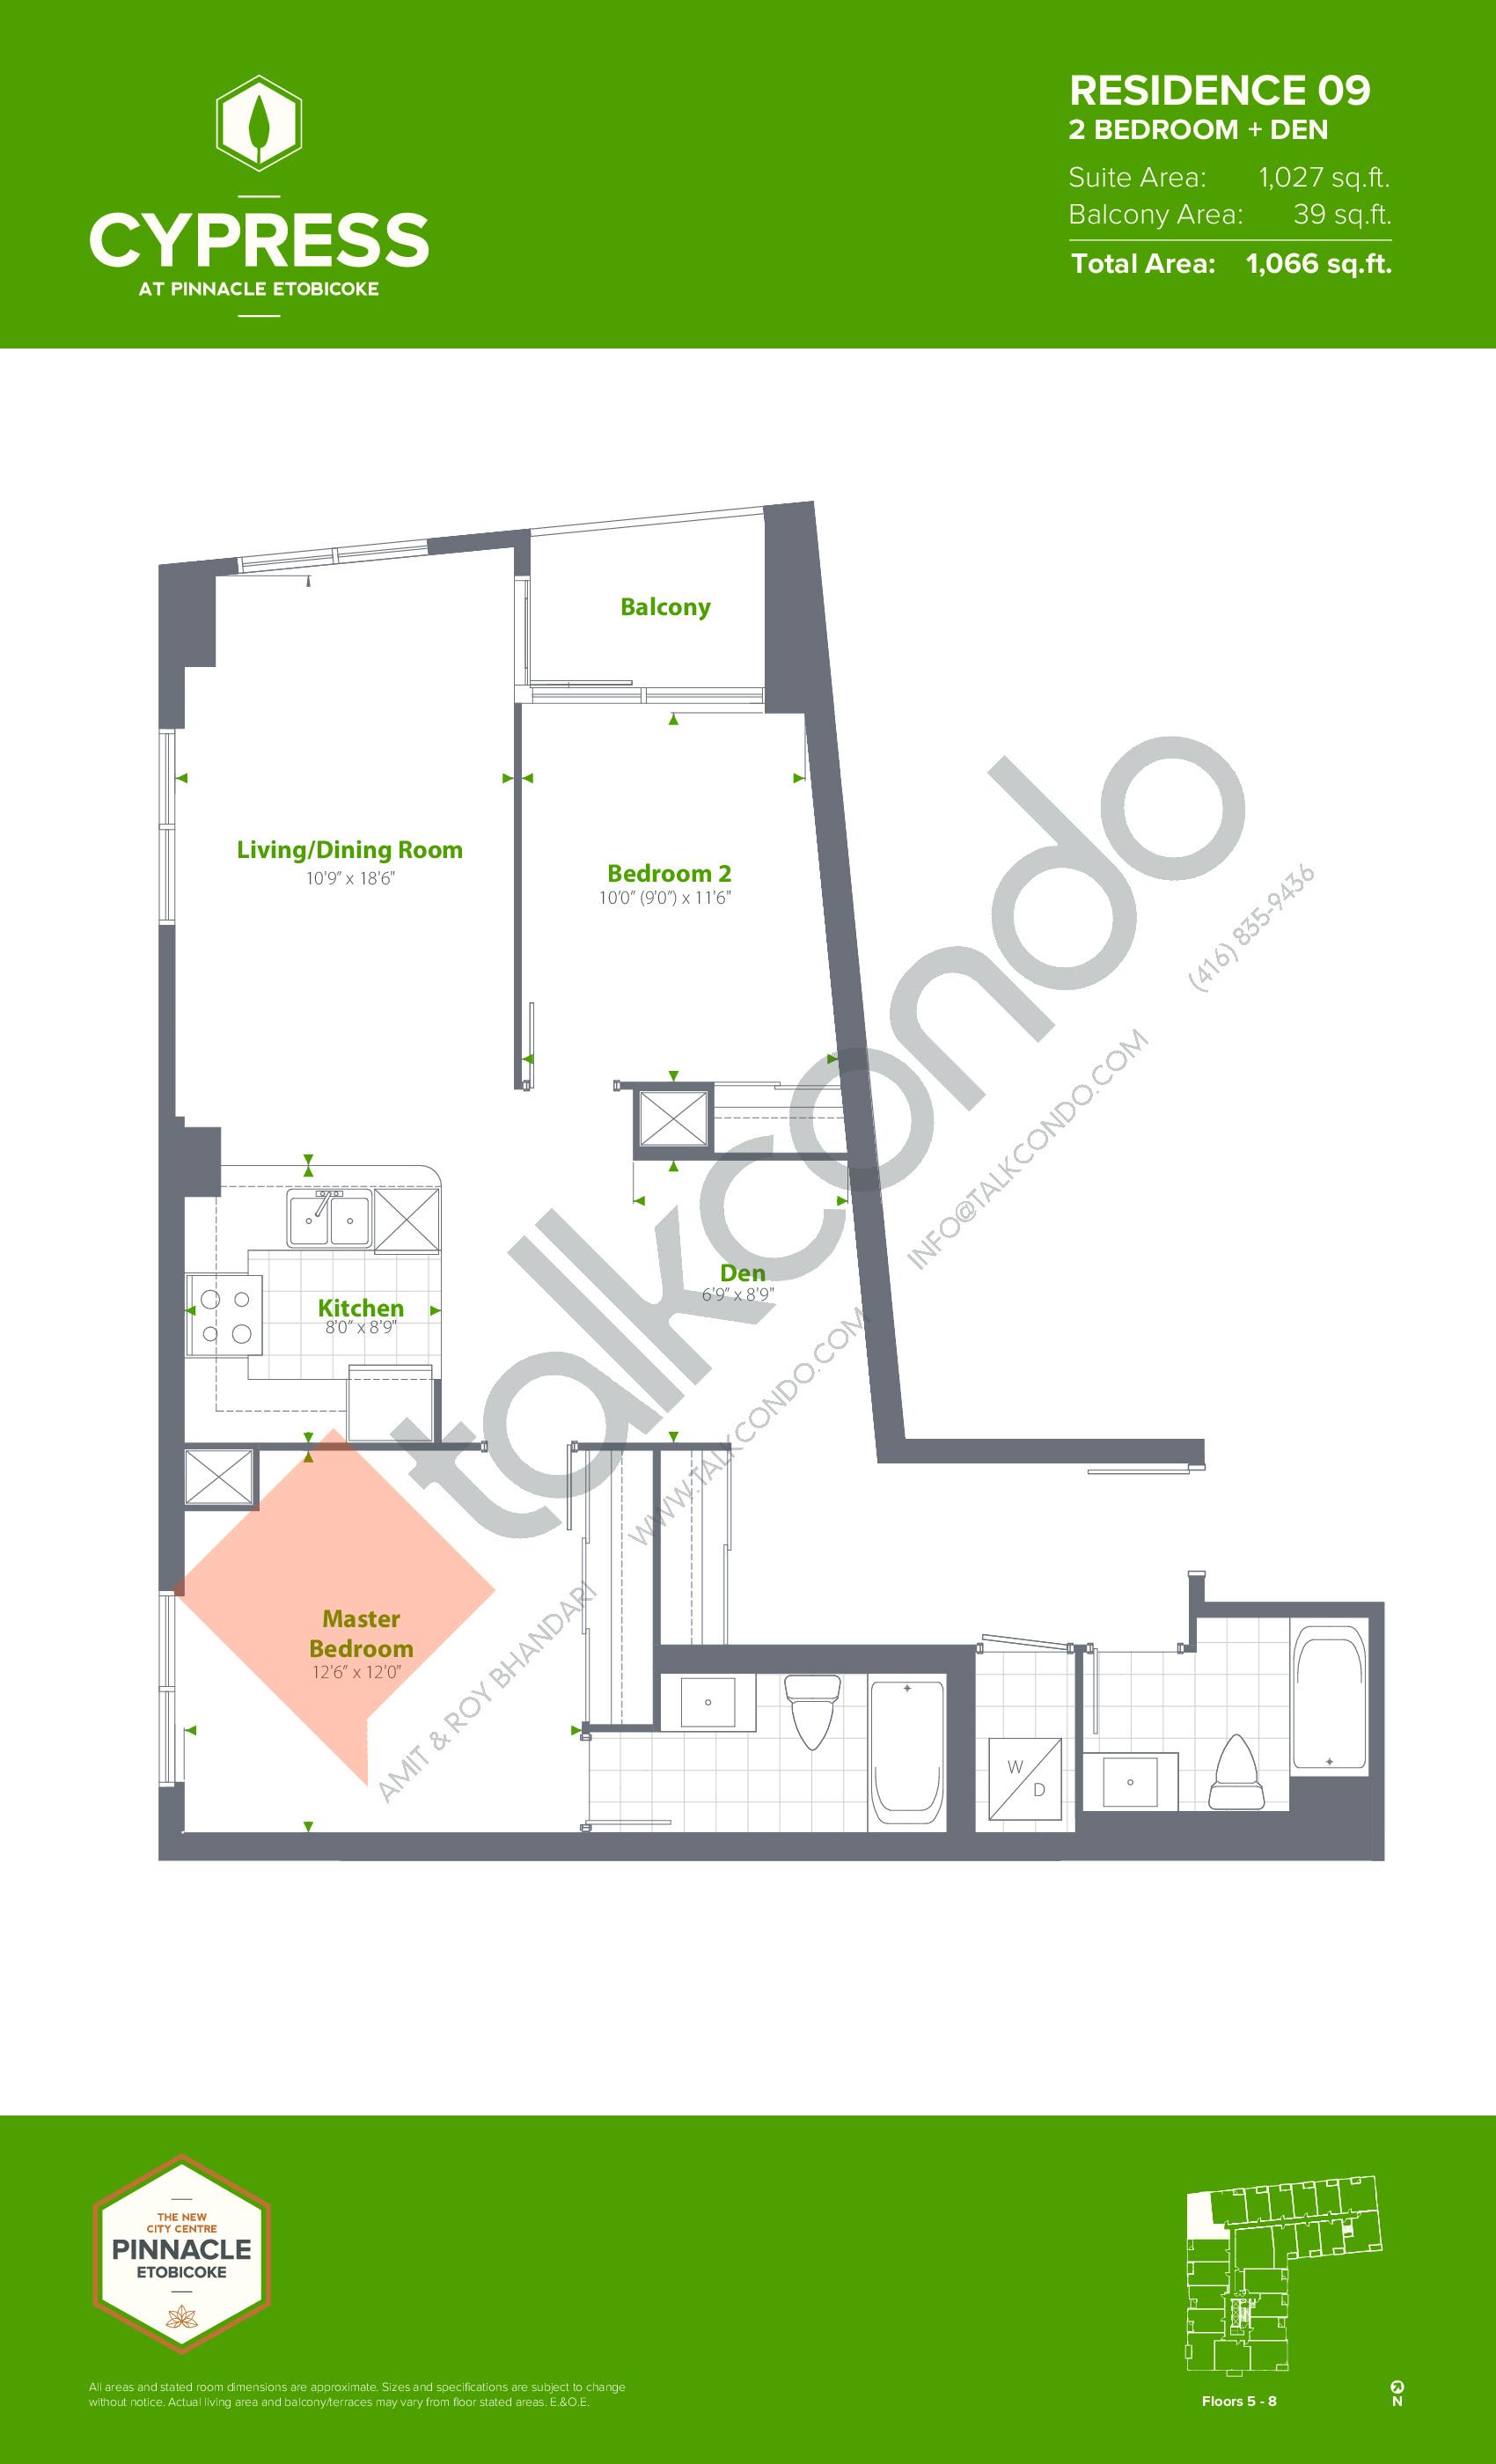 Residence 09 (Podium) Floor Plan at Cypress at Pinnacle Etobicoke - 1027 sq.ft